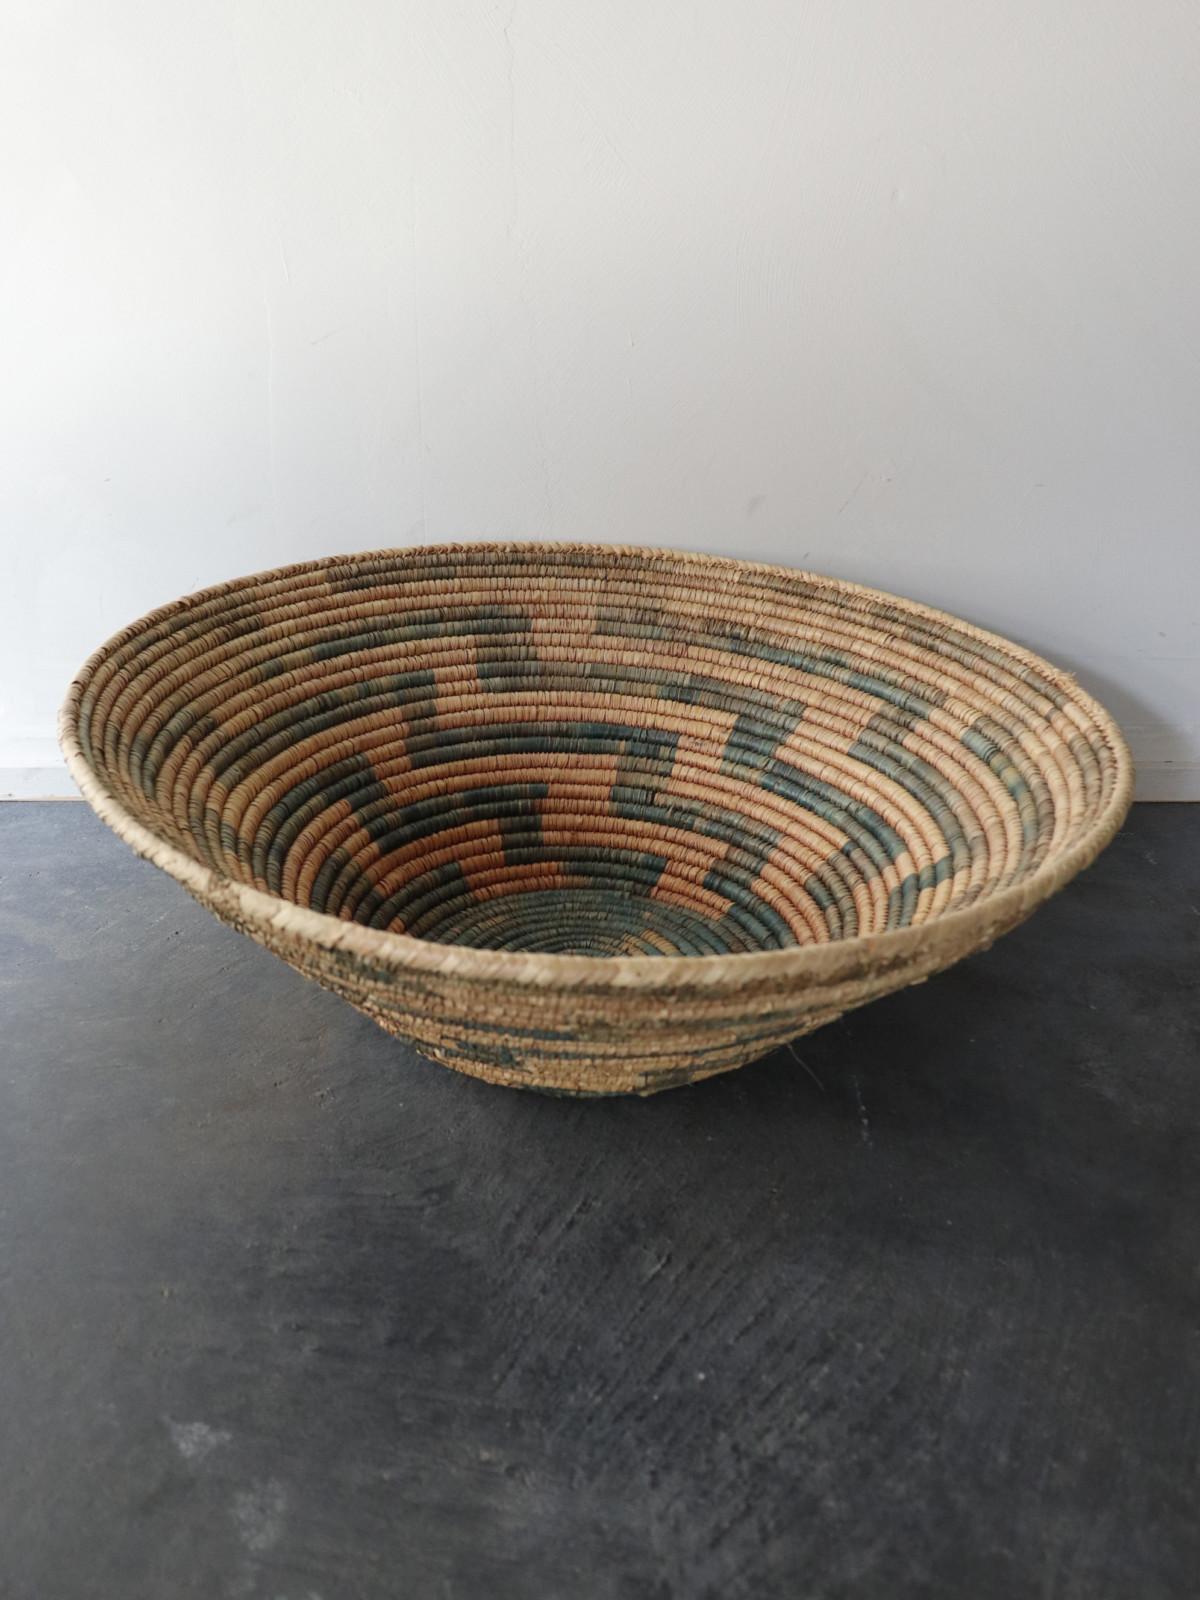 sierra leone,basket,Vintage